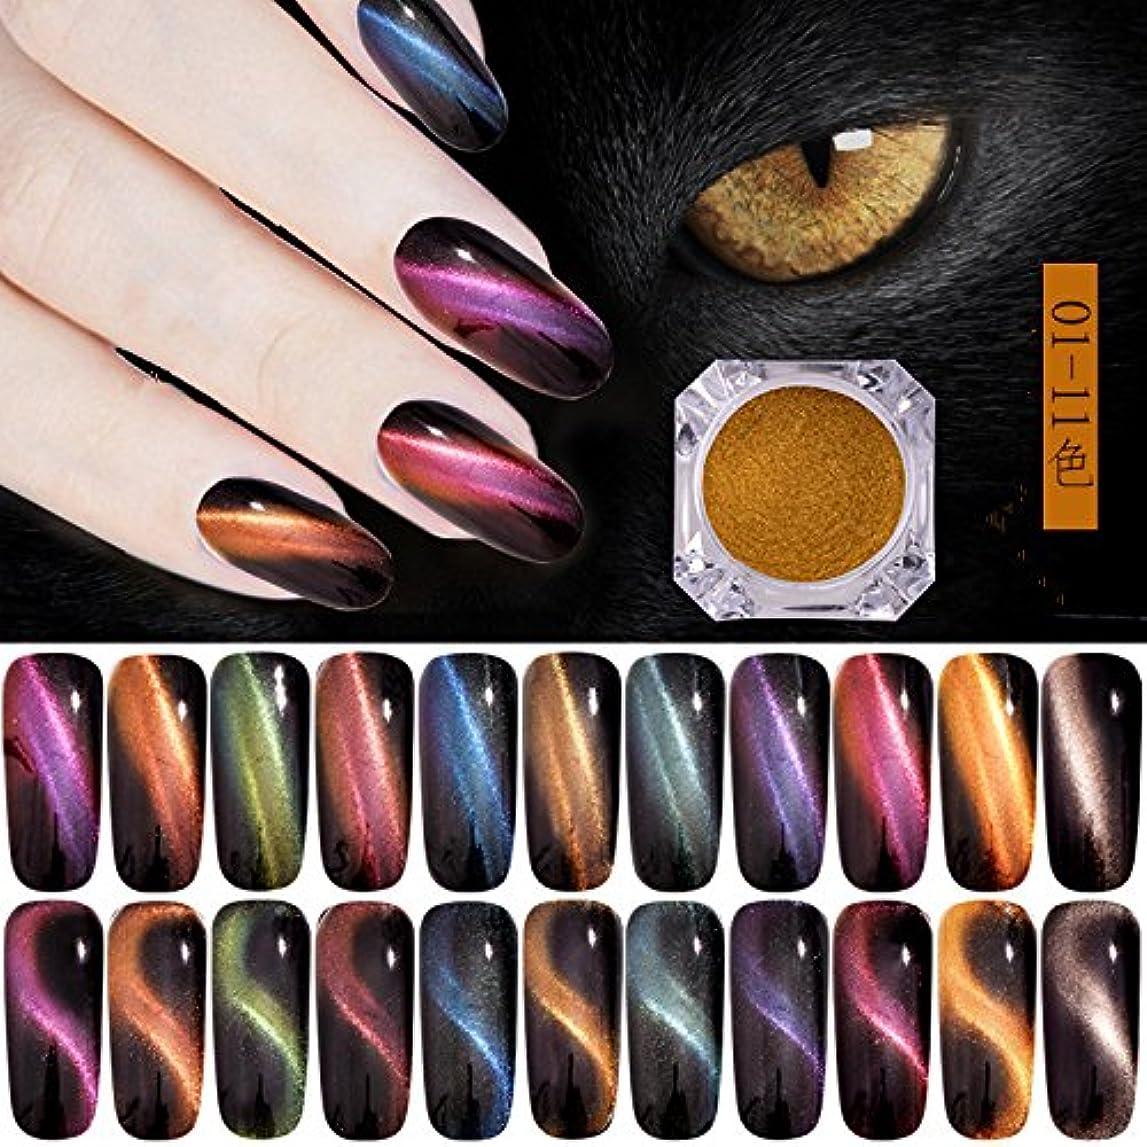 電話する盟主コーンオーロラキャッツアイカラーパウダー カメレオン&猫の目のように効果 マグネットネイルパウダー マジック磁気グリッターダストUVジェルマニキュアネイルアートピグメント 11色から選べ (11色セット)